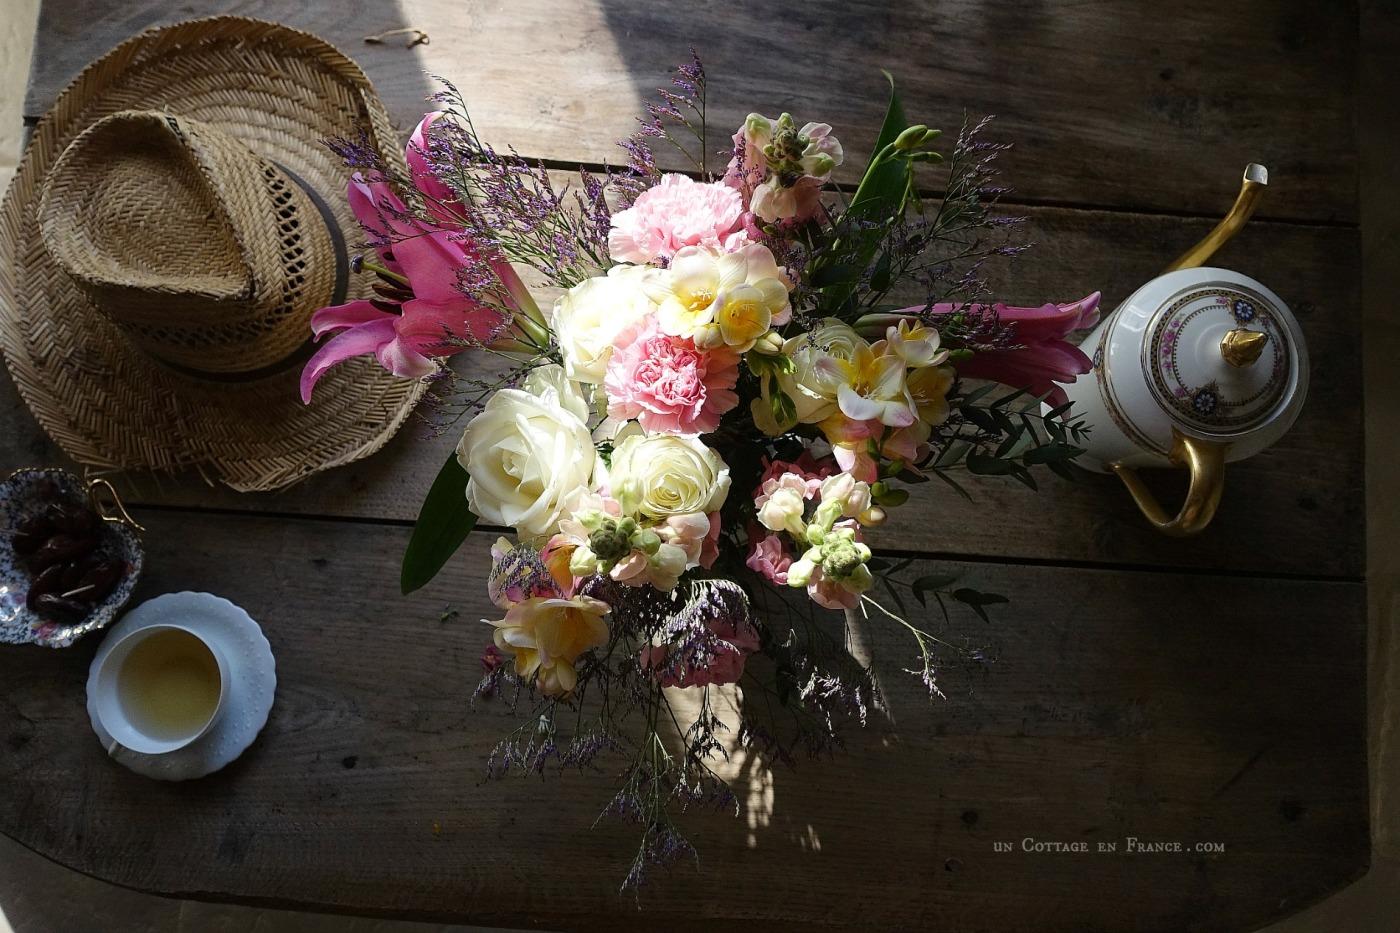 Bouquet d'avril, printemps rose et blanc, un cottage en france 4